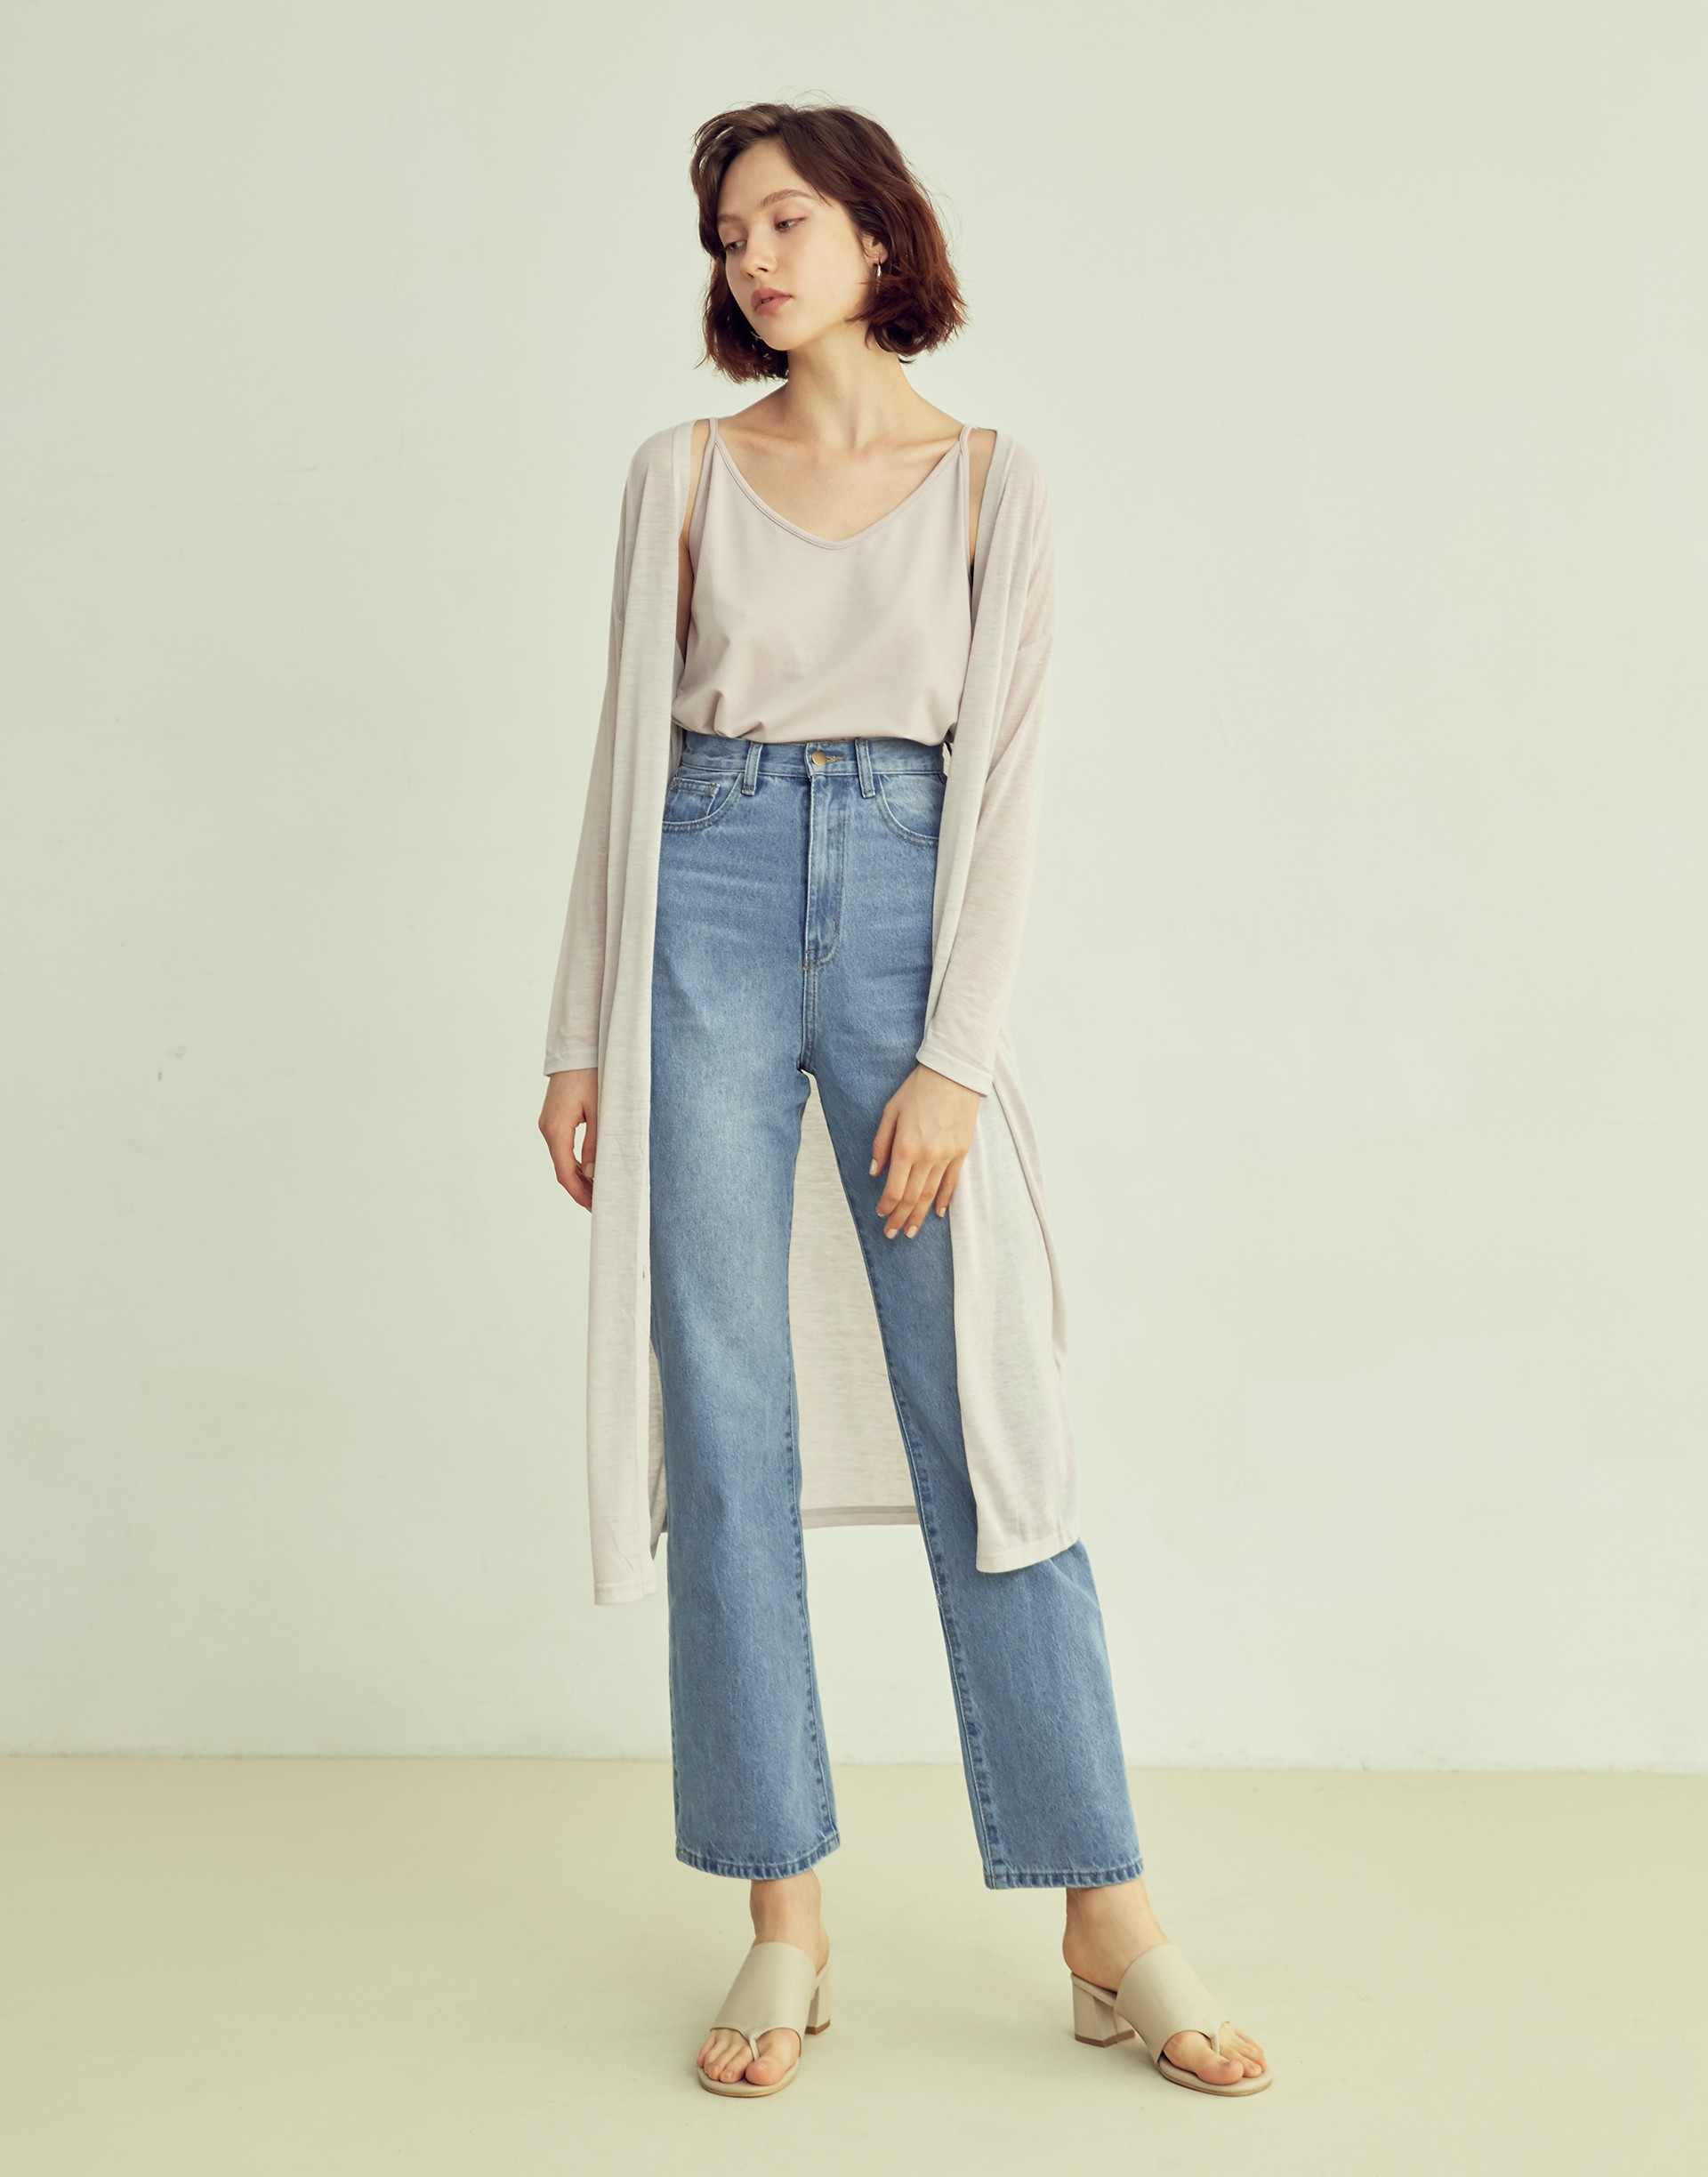 彈性:無 經典單寧面料、落地直筒寬褲版型、可以反褶搭配